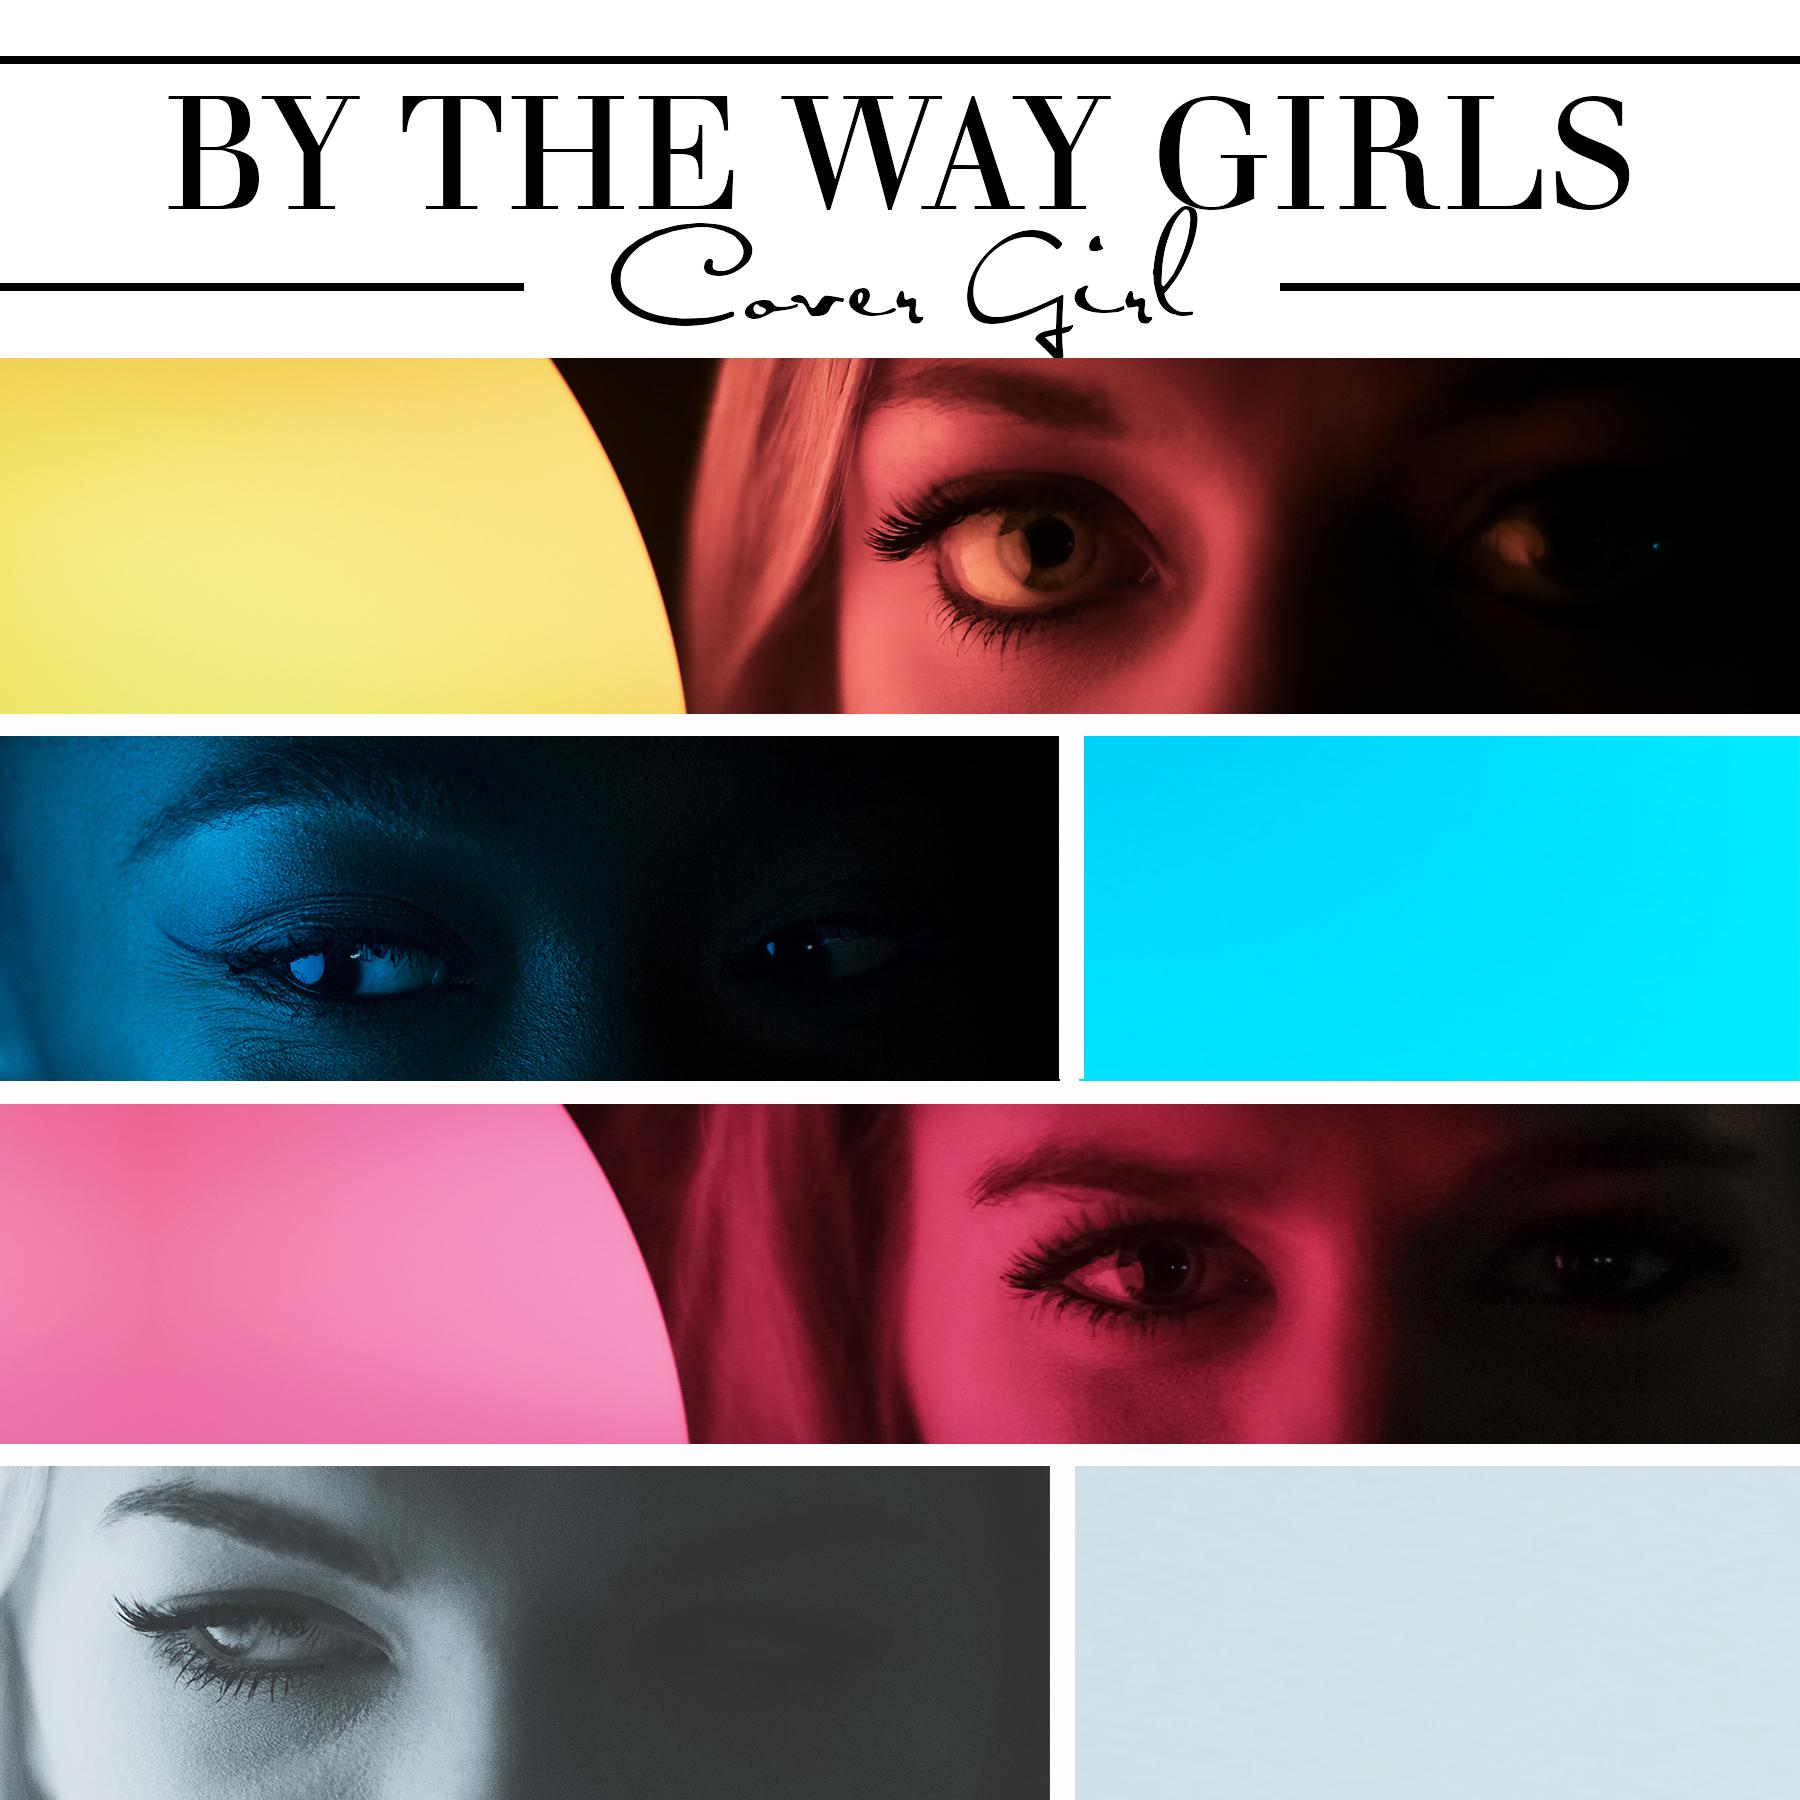 cover girl.jpg